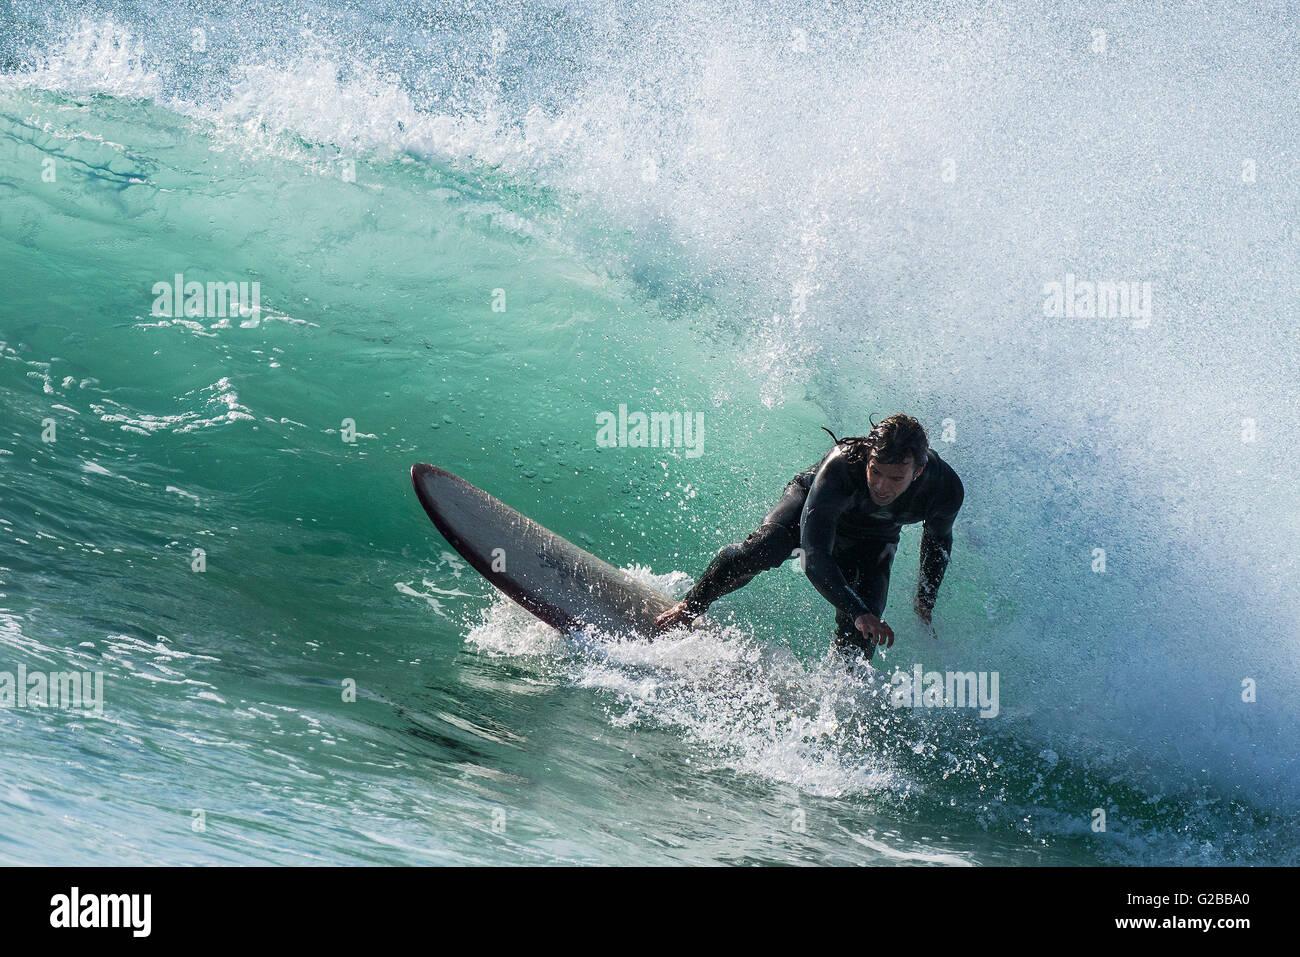 Windigem Wetter schafft ideale Surfbedingungen am Fistral in Newquay, Cornwall. Stockbild